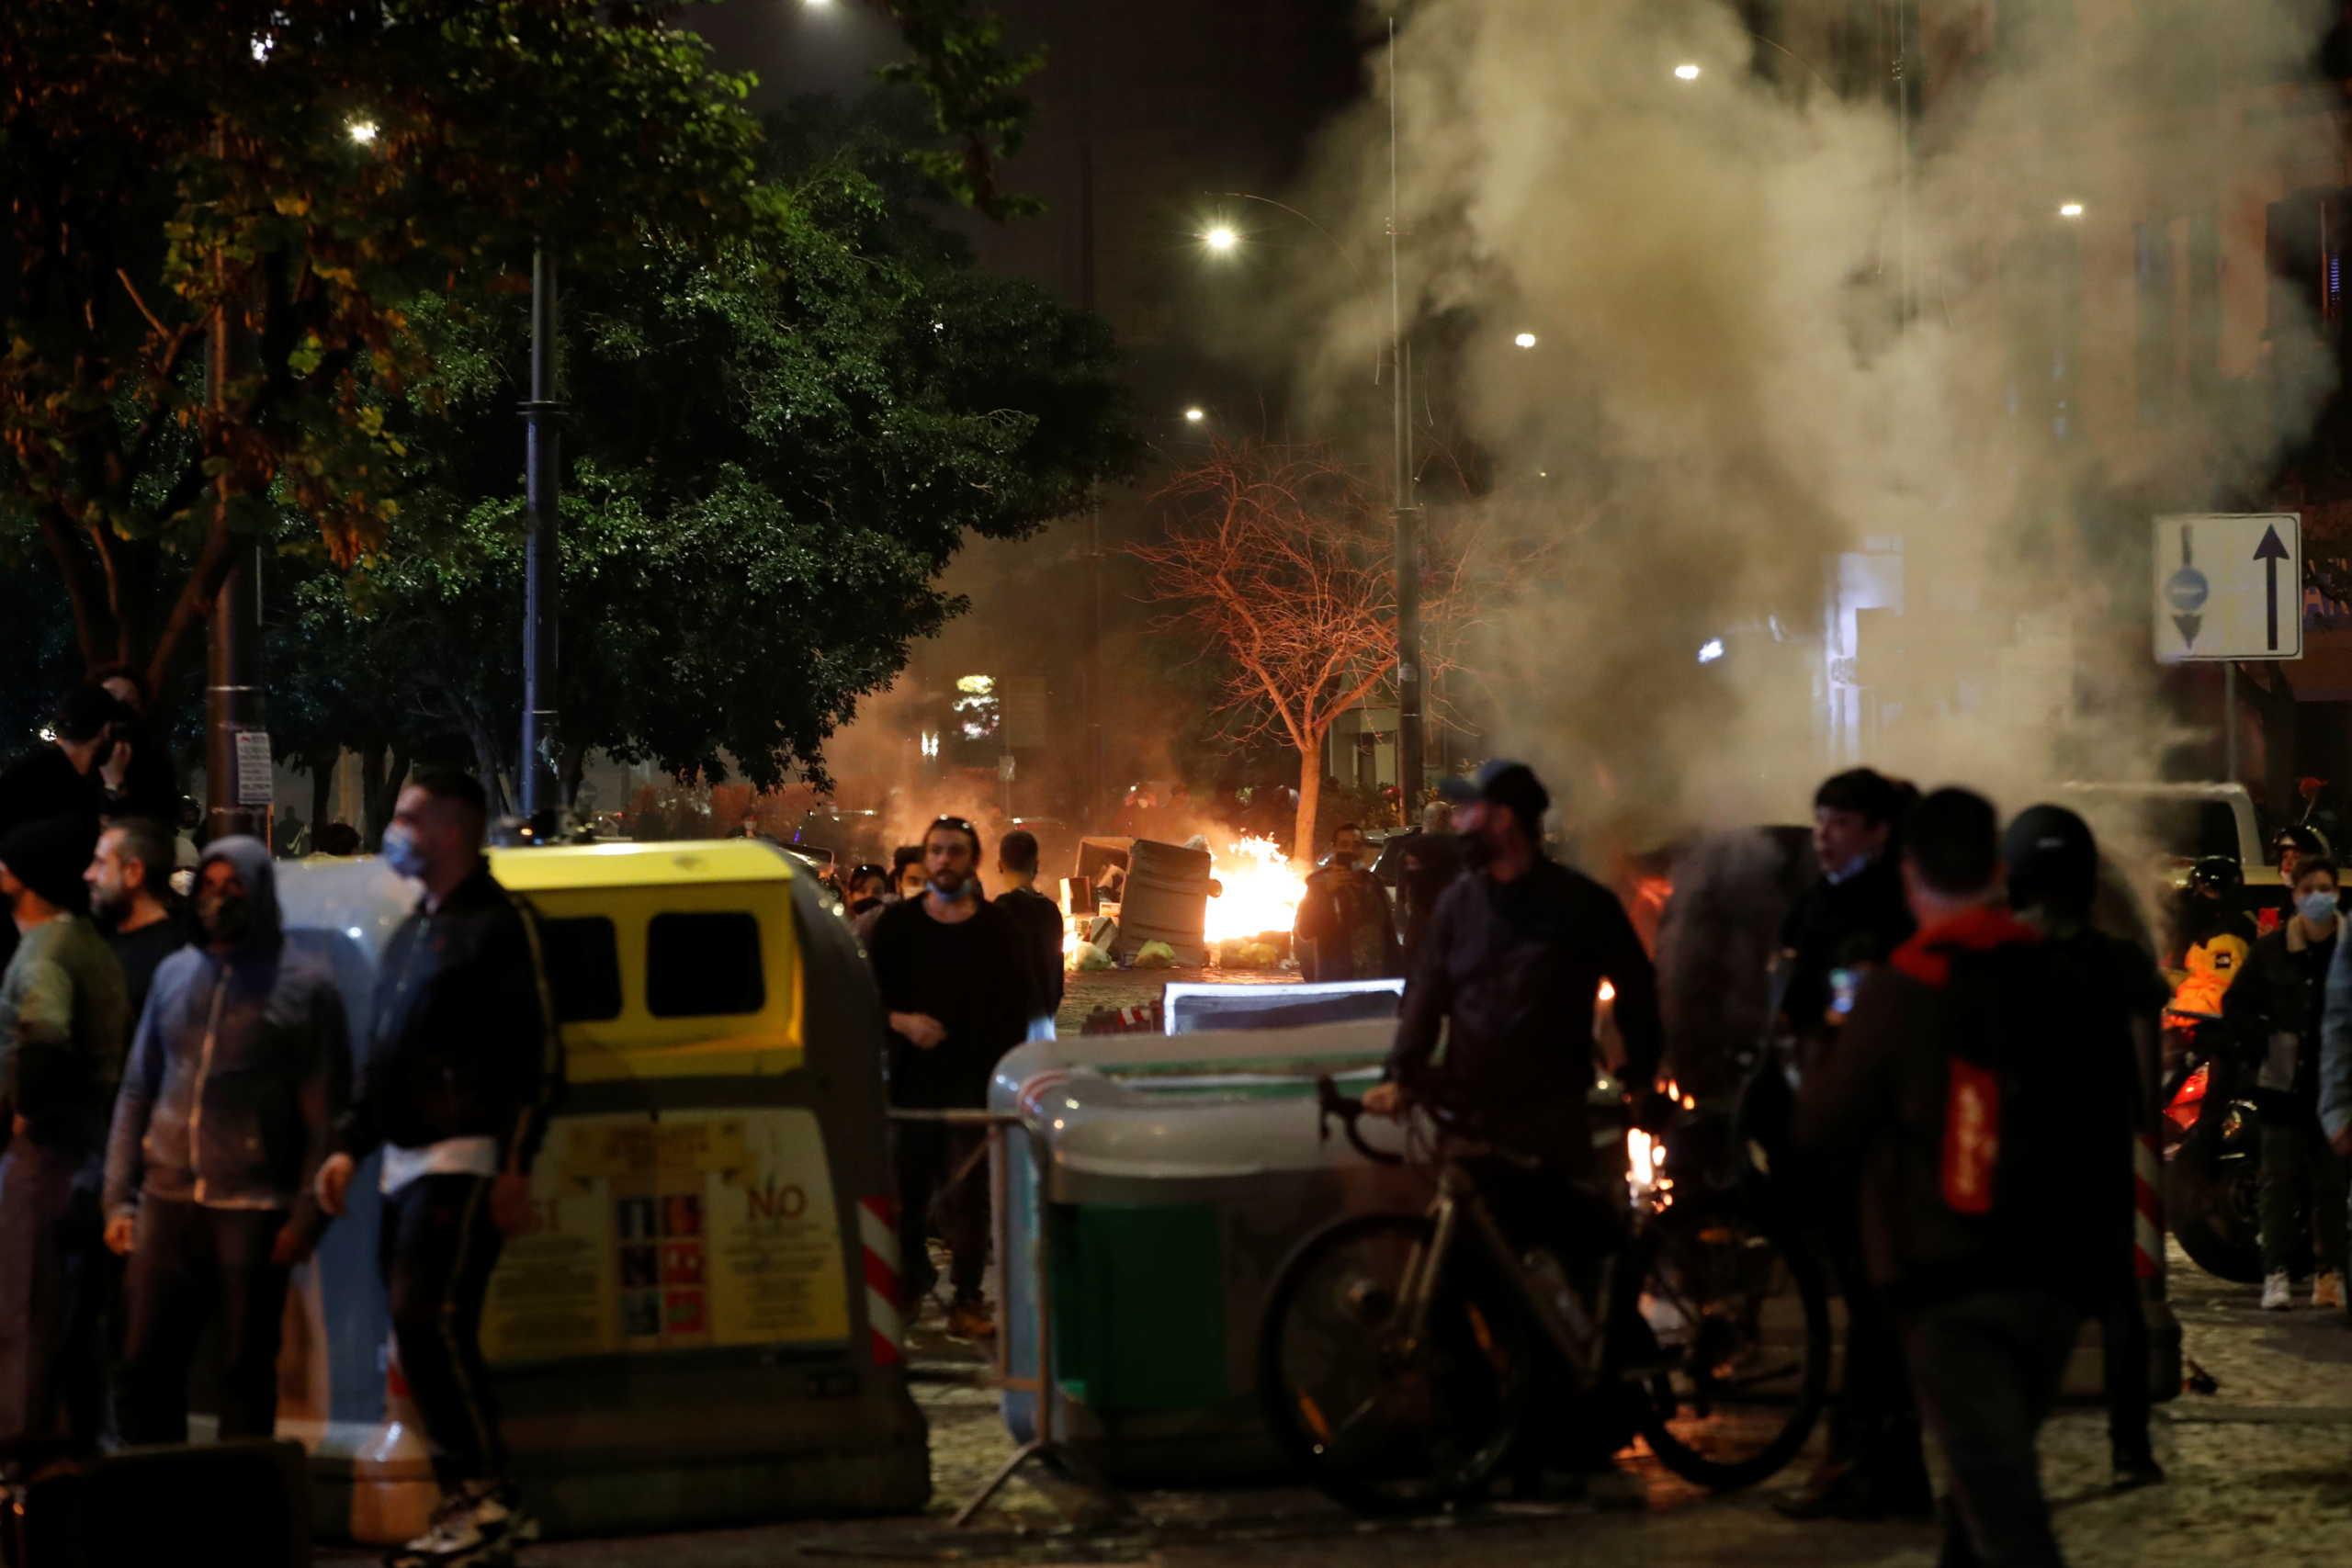 Ιταλία: Χαμός στη Νάπολη – Επεισόδια για την απαγόρευση κυκλοφορίας λόγω κορονοϊού (video)